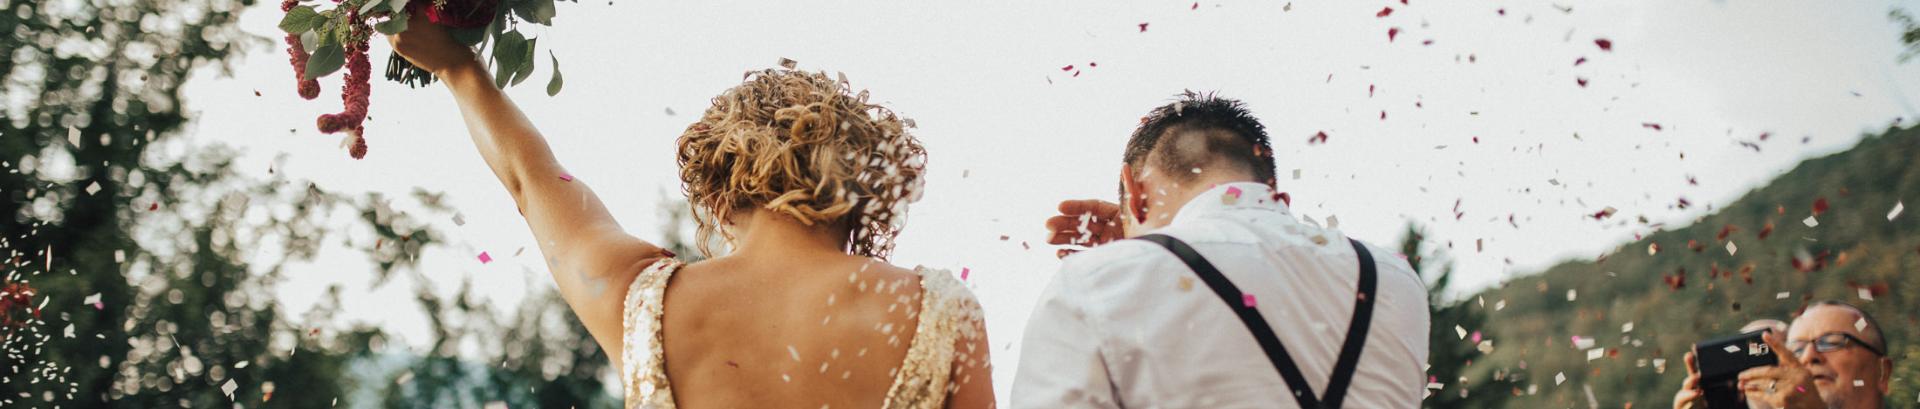 Plánování svatby online